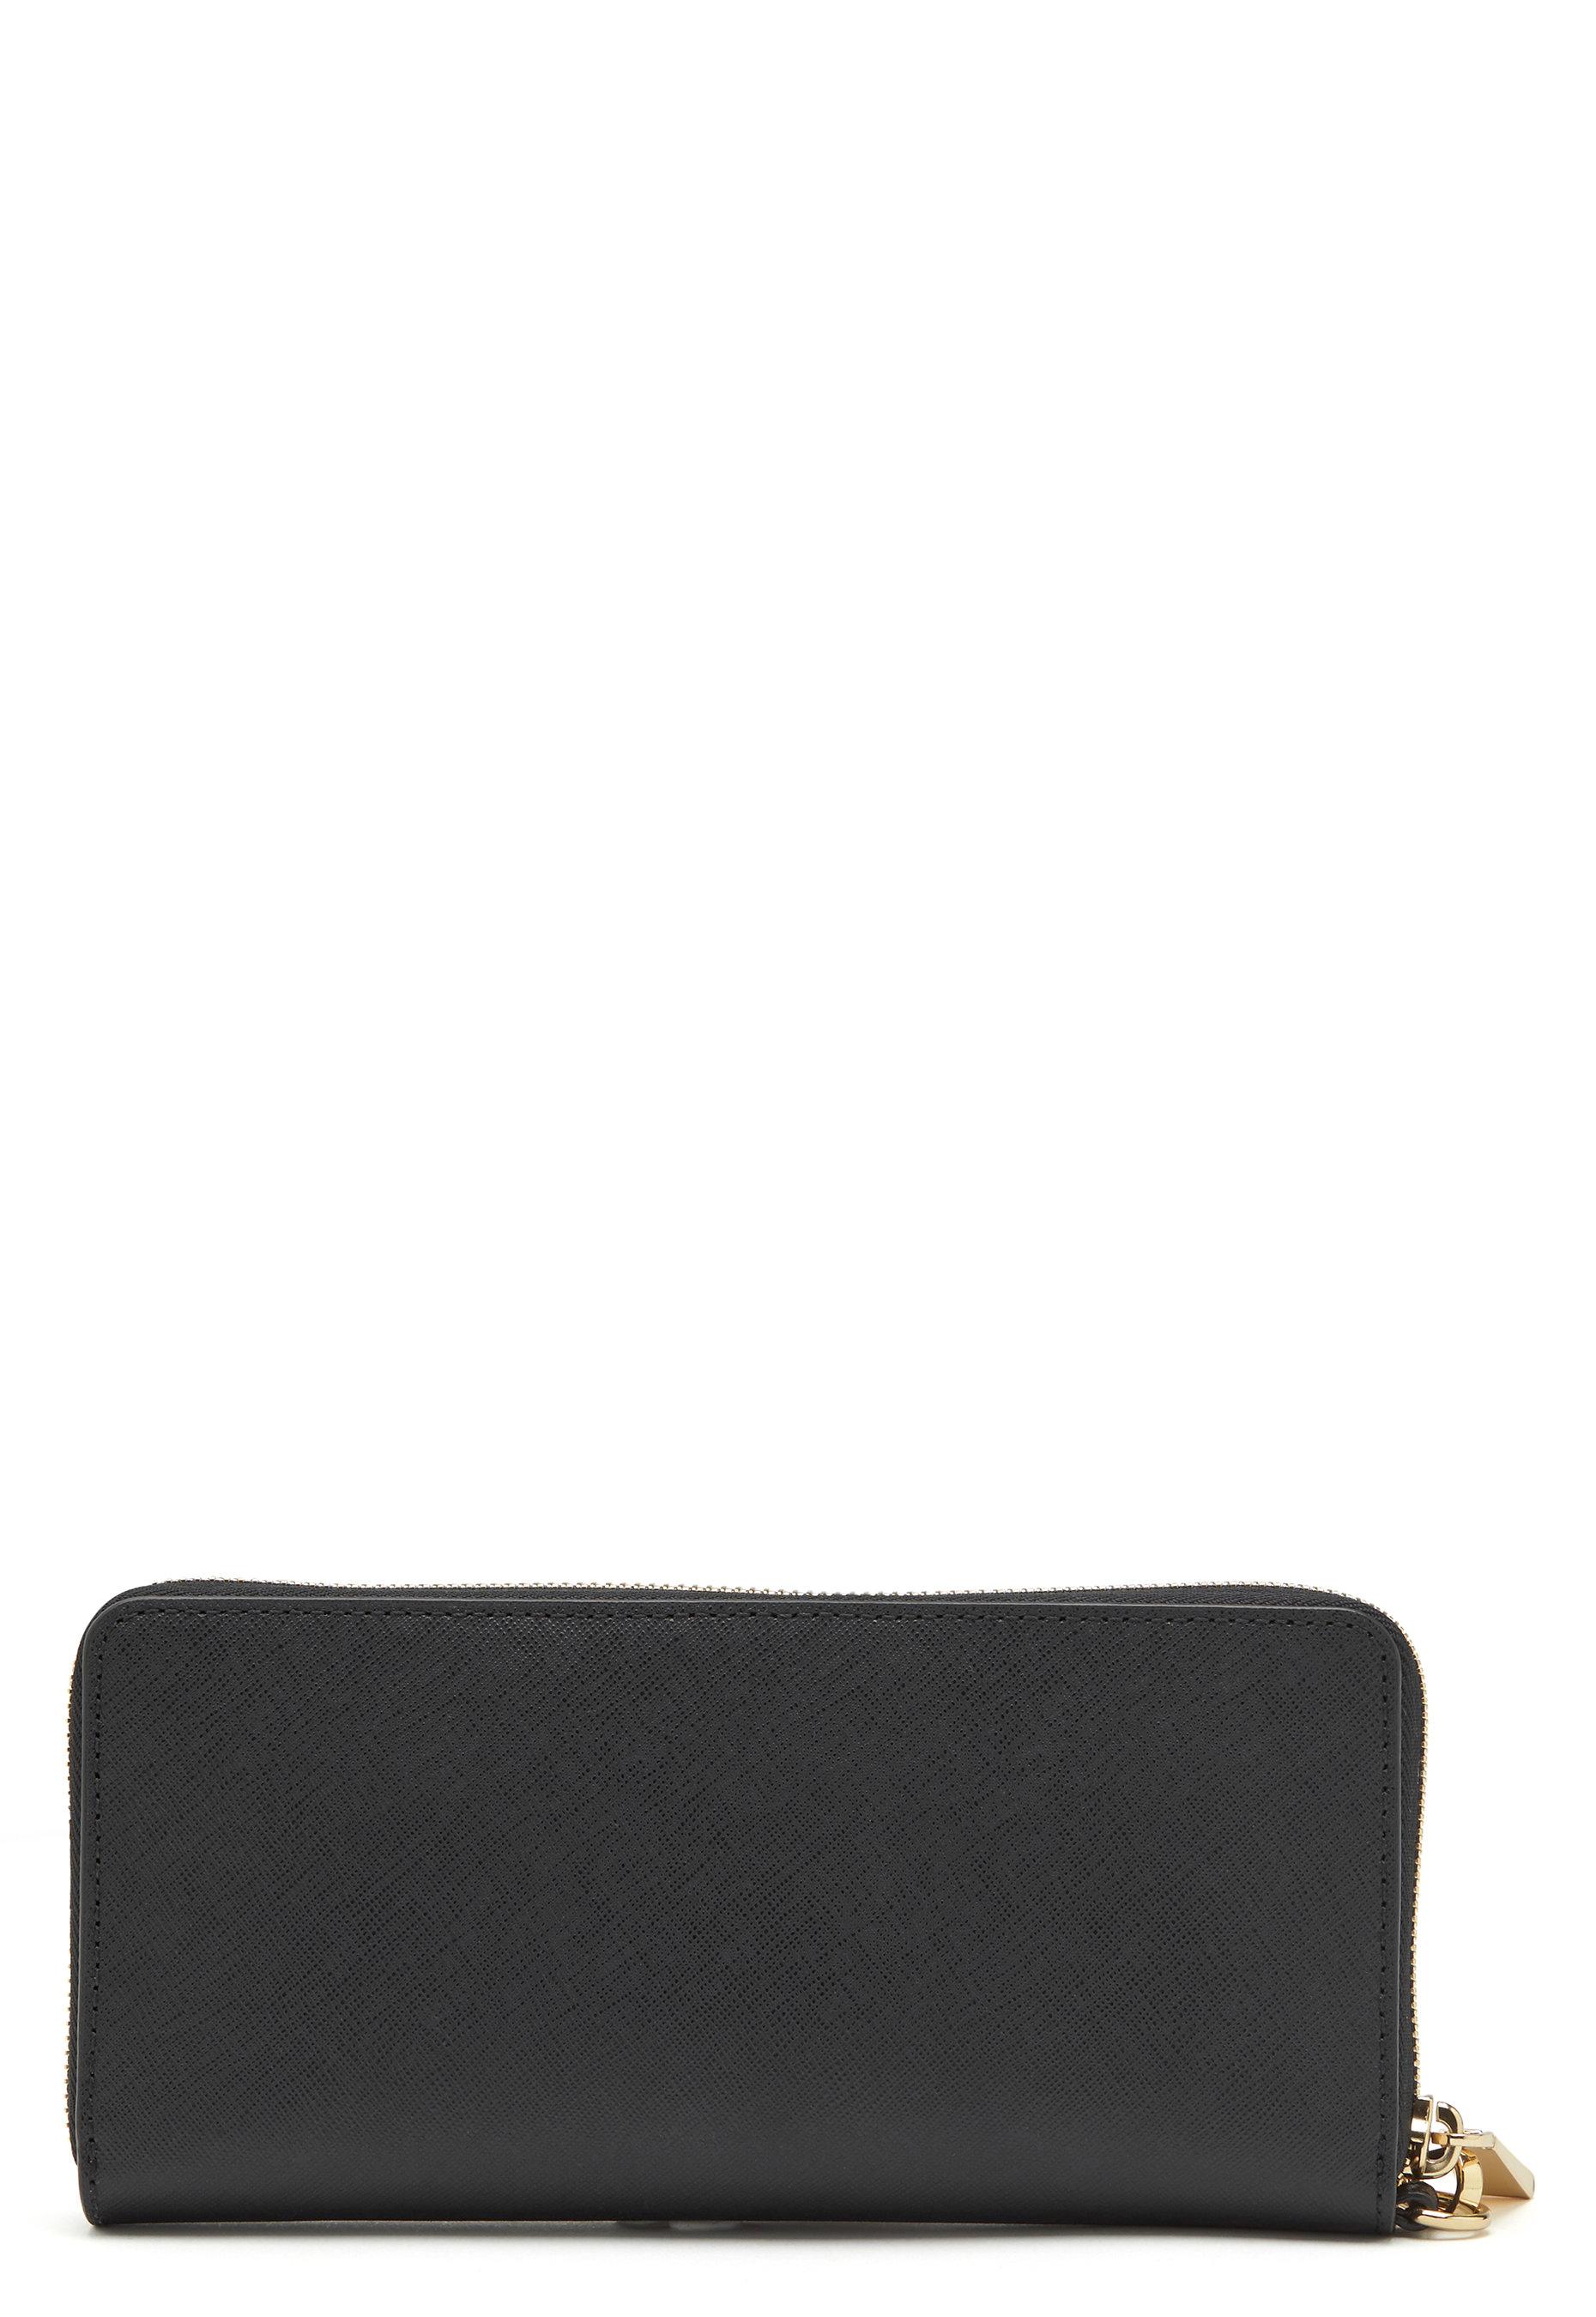 3e953b05f05a Michael Michael Kors Travel Continental Wallet 001 Black - Bubbleroom